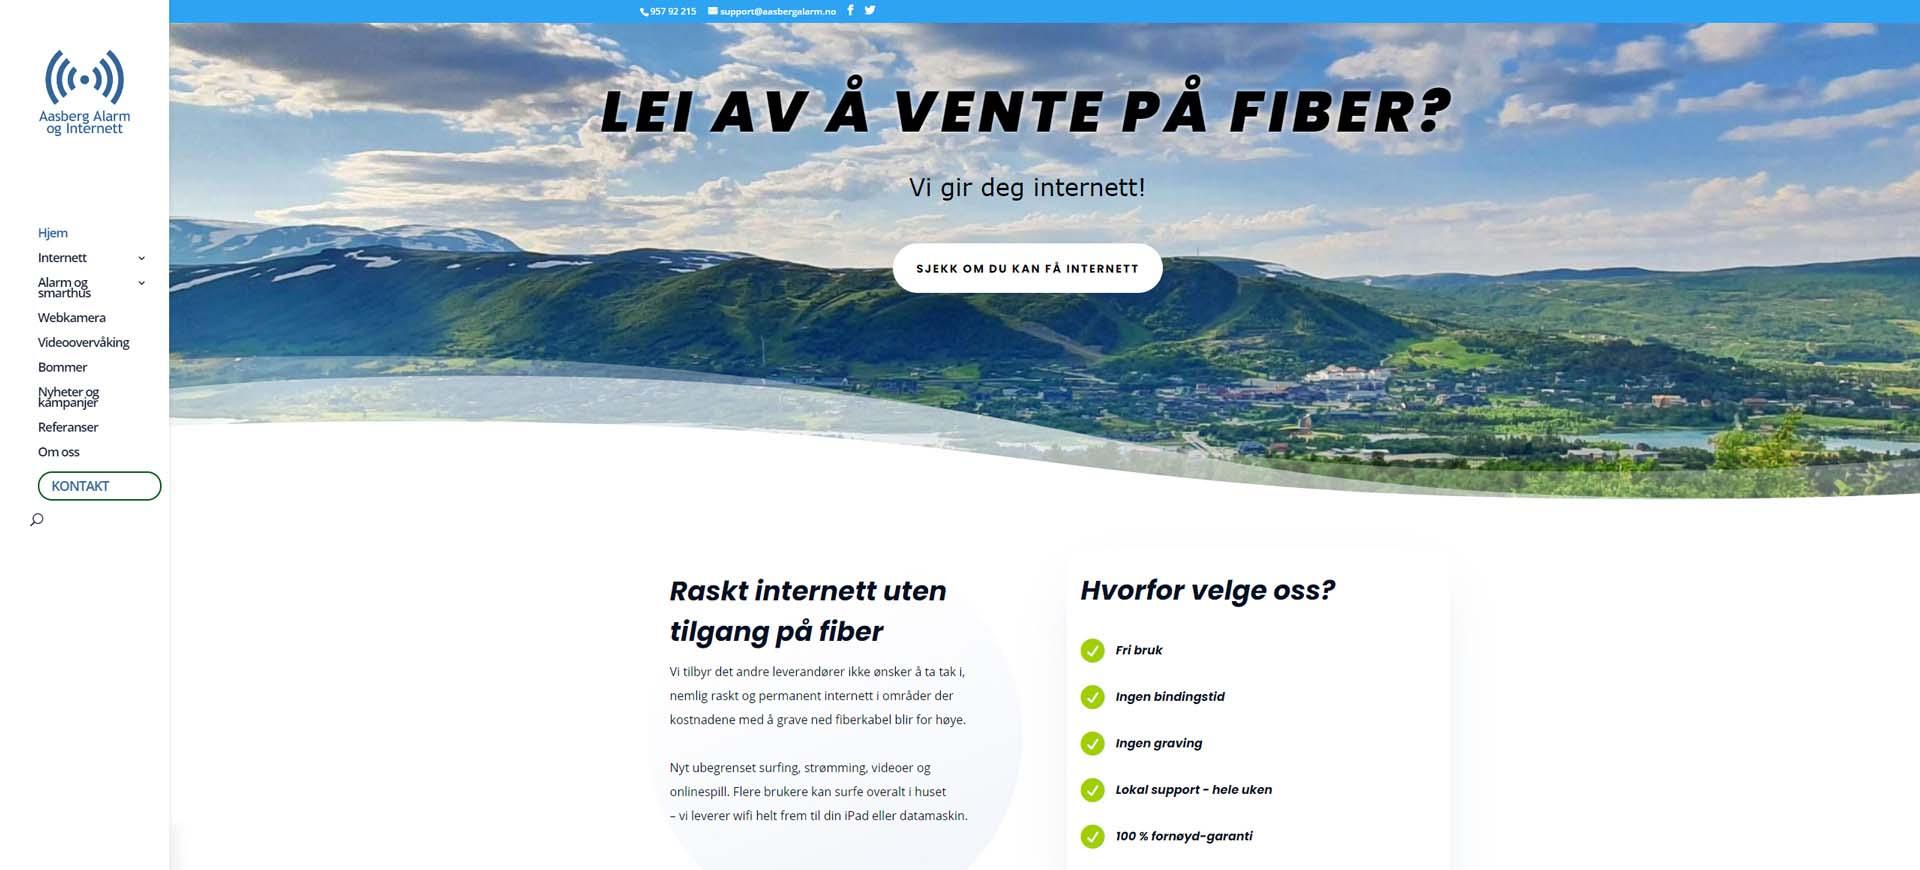 Aasberg Alarm